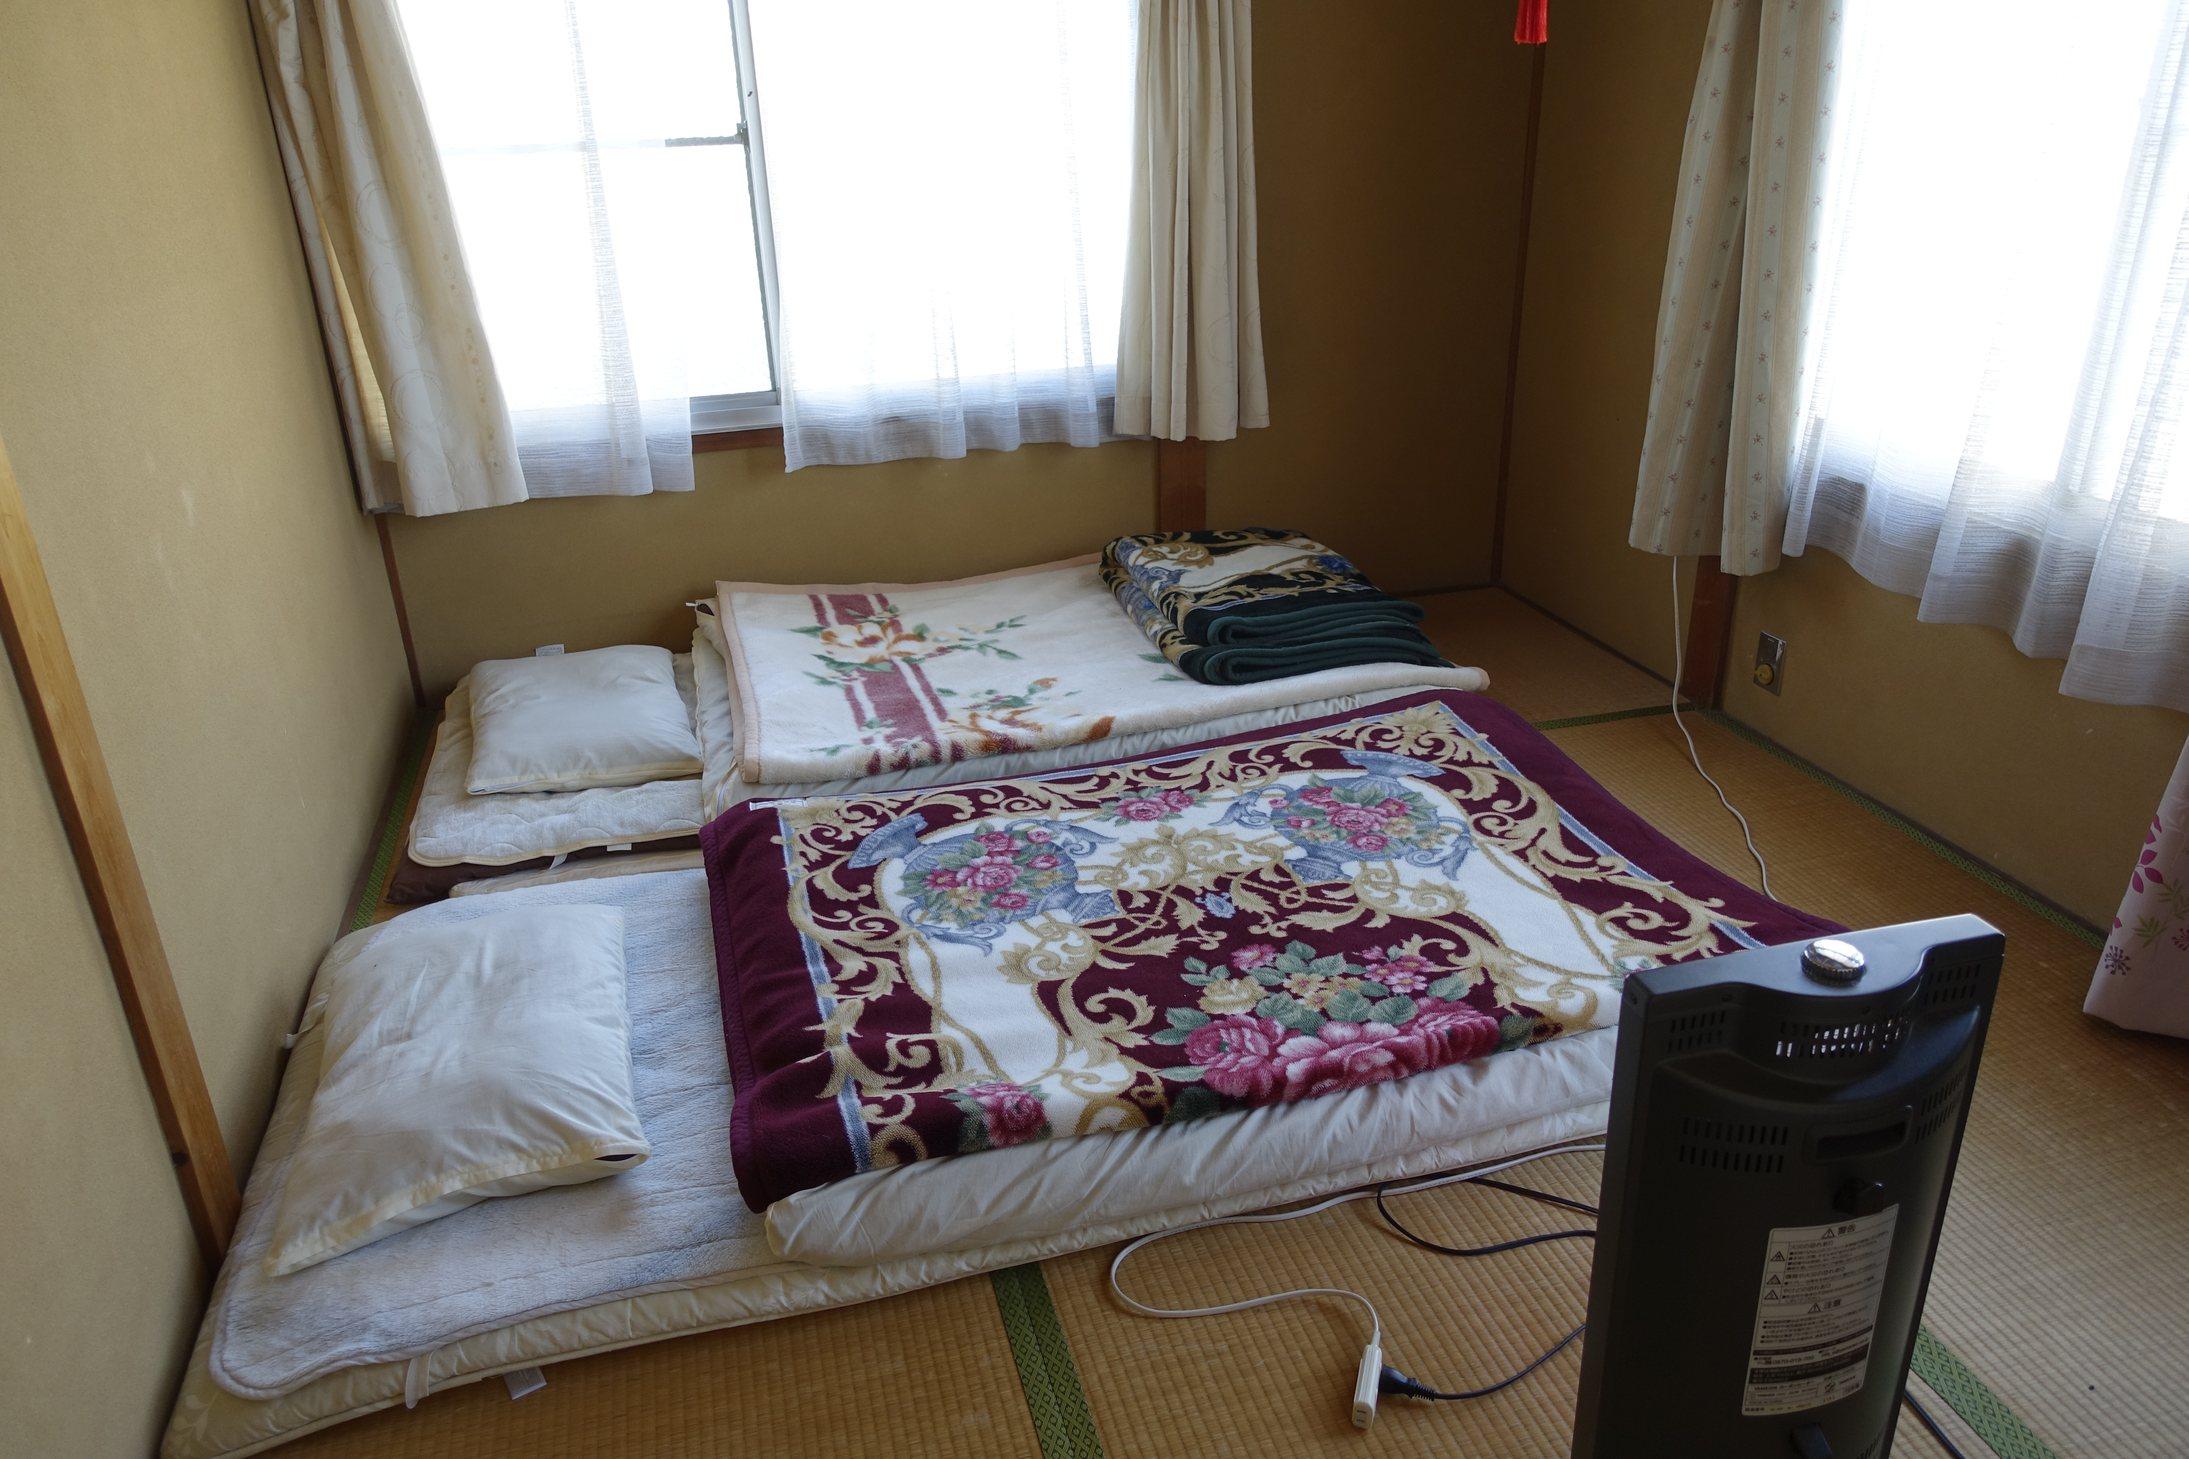 Full Size of Japanische Betten Bernachten In Japan 80 Tagen Oder Weniger Um Welt Düsseldorf 200x220 Amazon 180x200 Ruf Fabrikverkauf Tempur Treca Bock 100x200 Coole Bett Japanische Betten